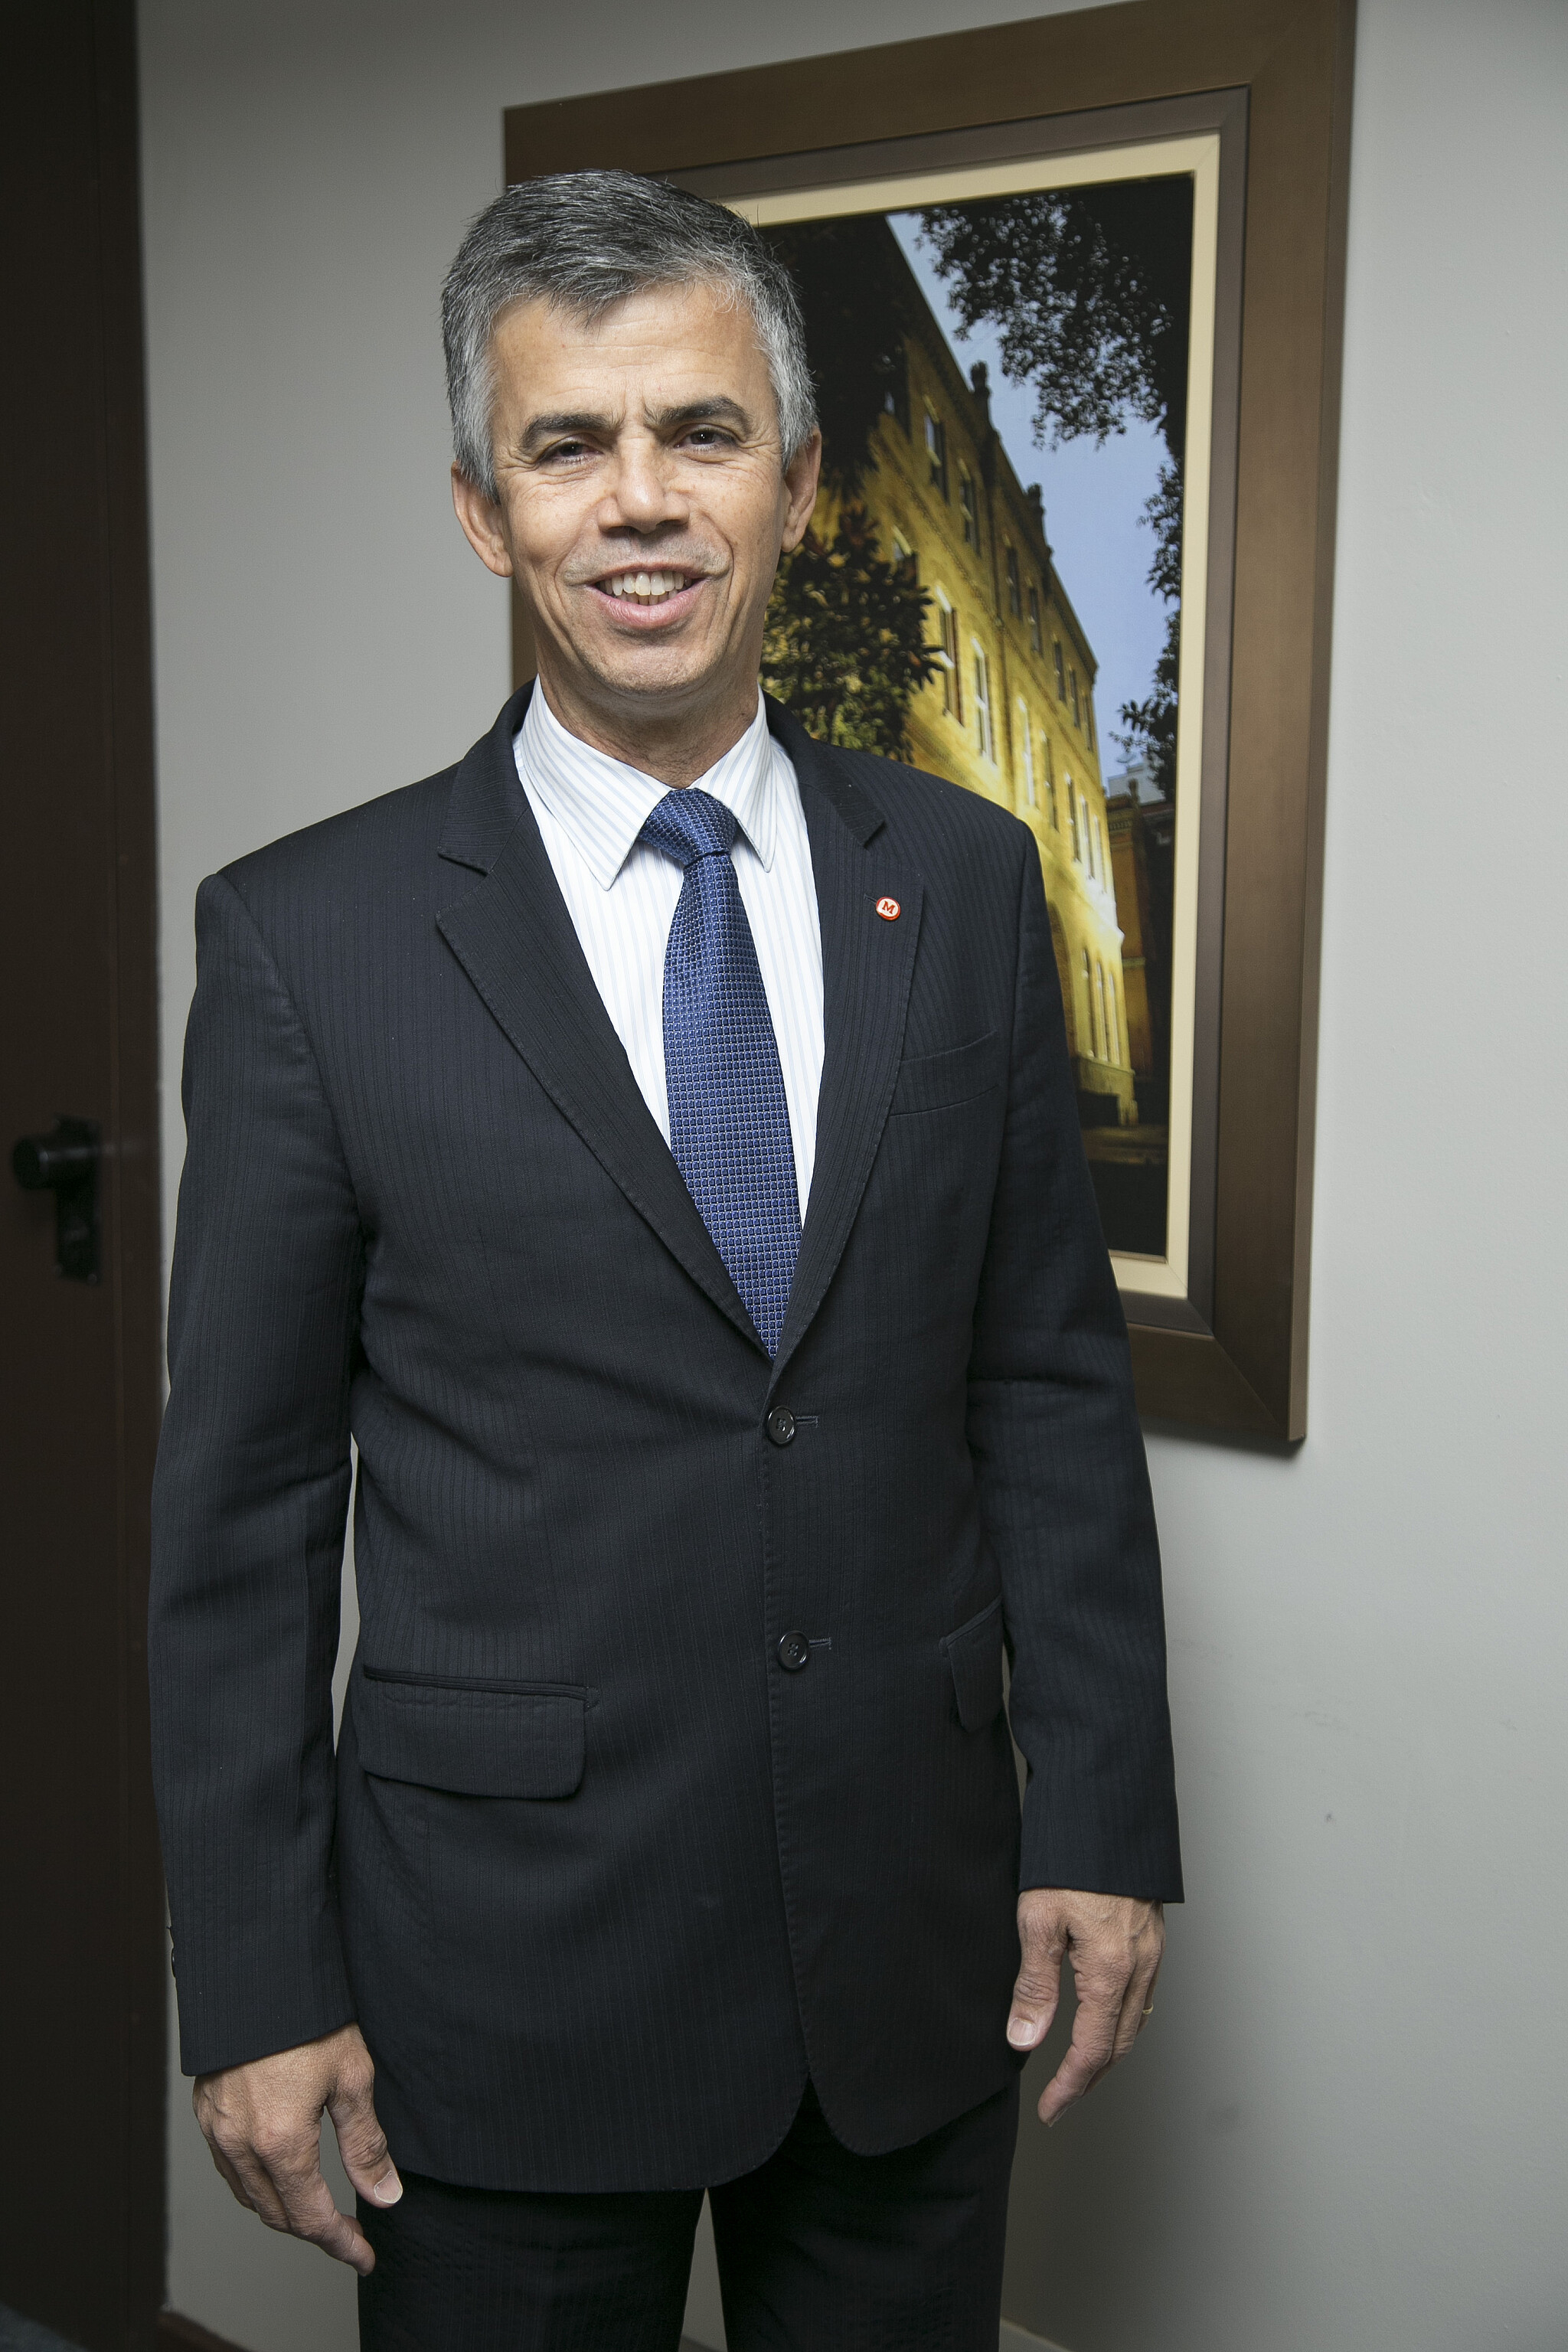 Presidente - José Inácio Ramos